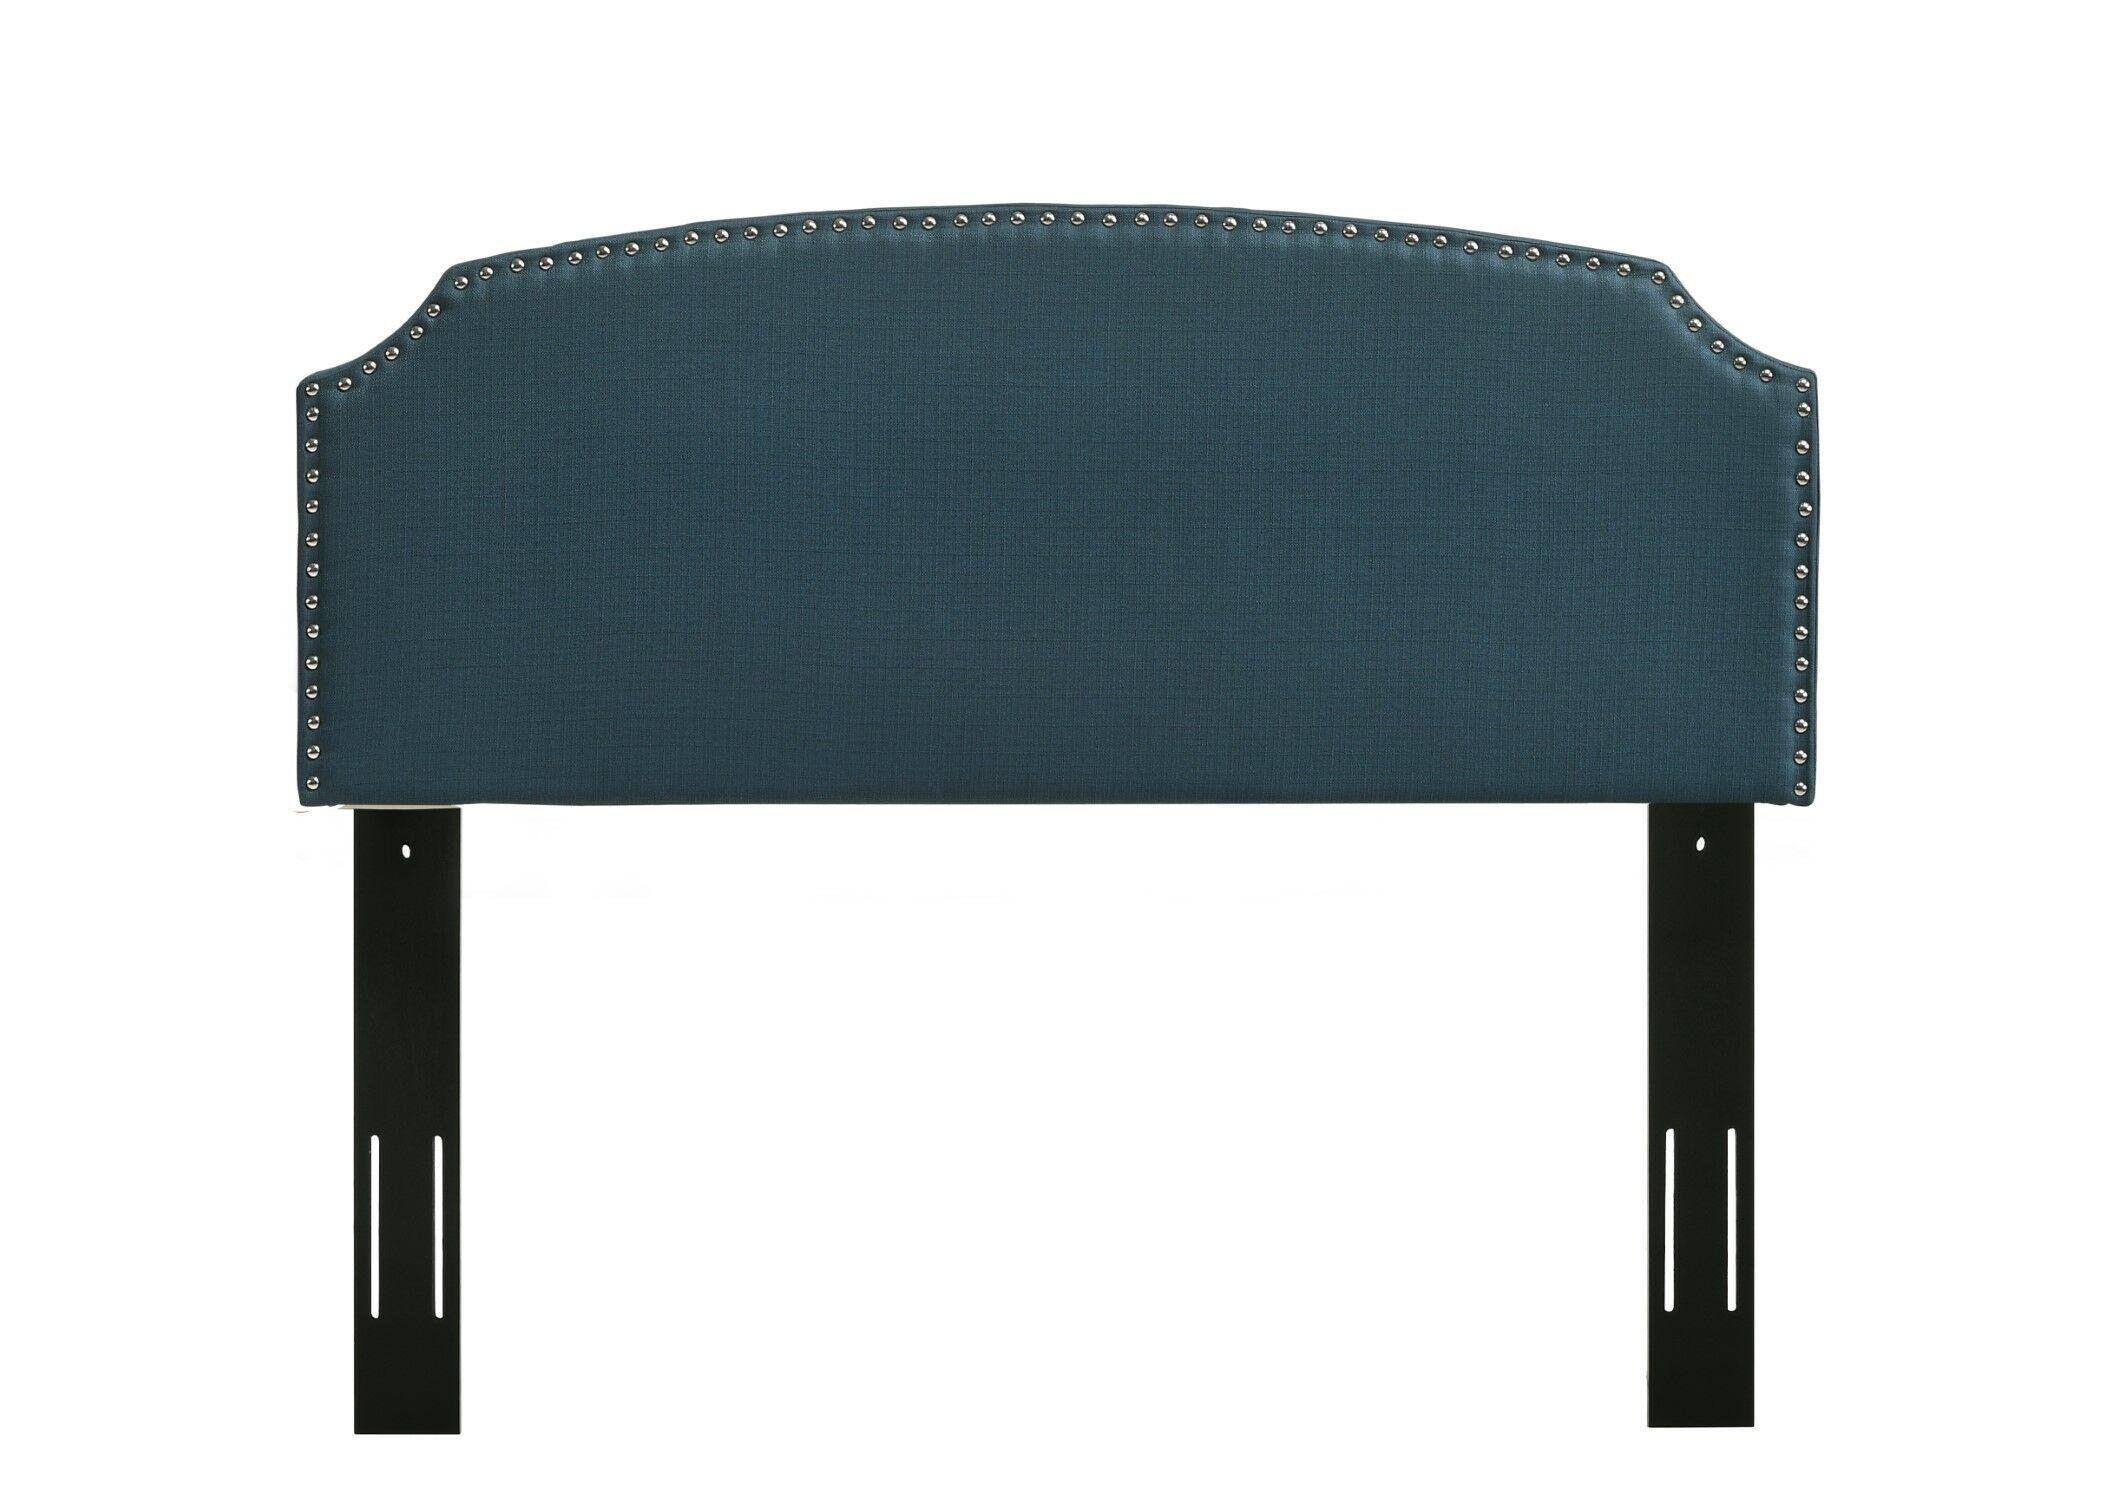 Elige Upholstered Panel Headboard Upholstery: Blue, Size: Full/Queen